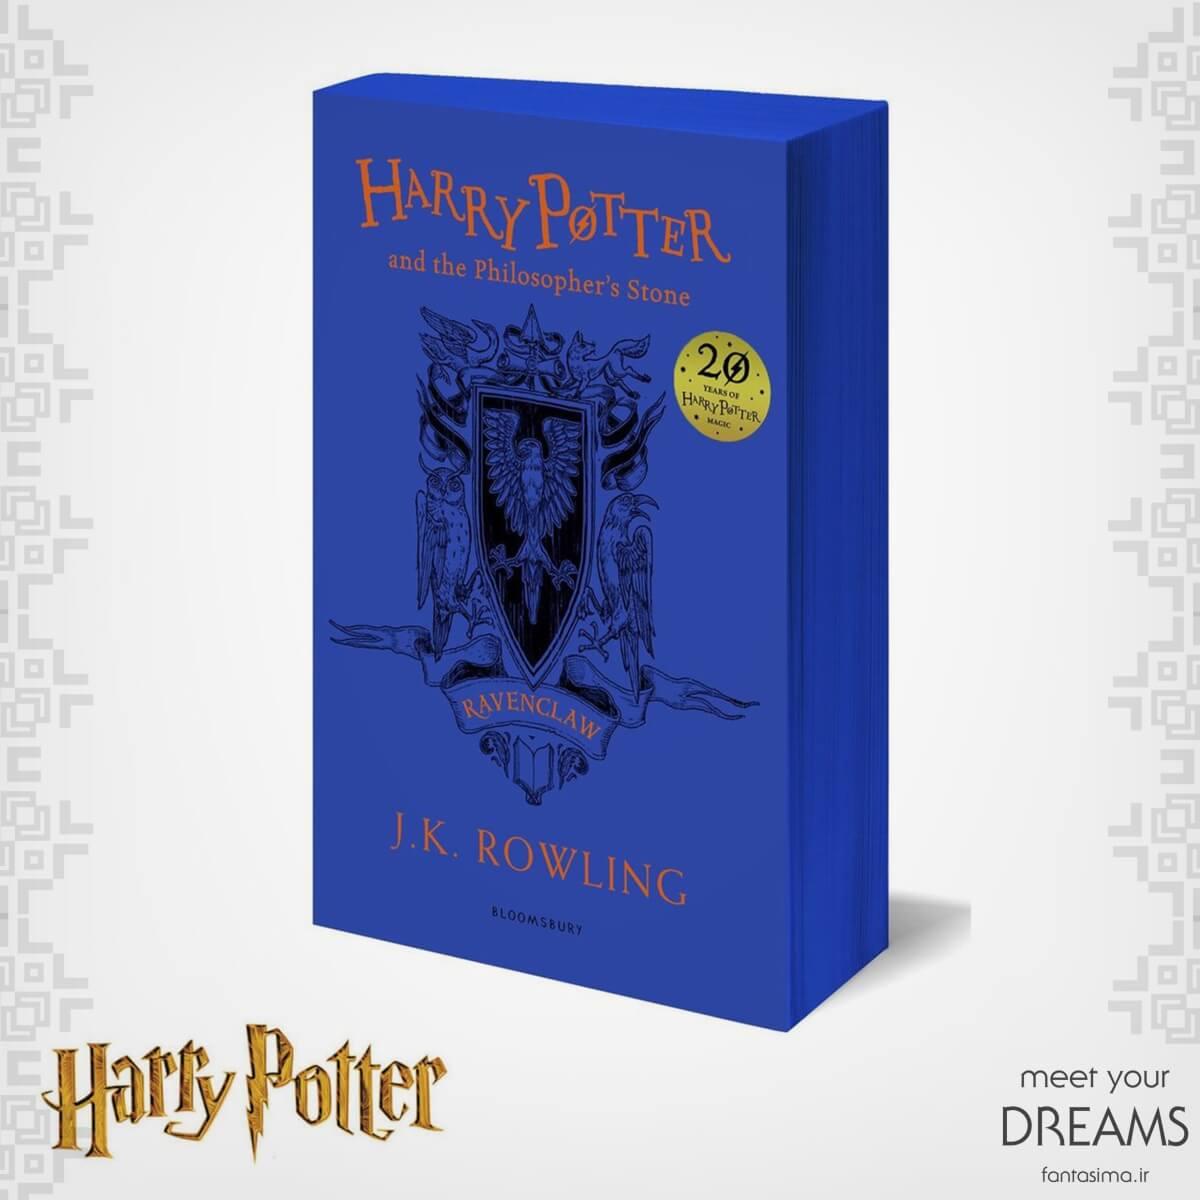 کتاب هری پاتر و سنگ جادو - ریونکلاو- جلد کاغذی